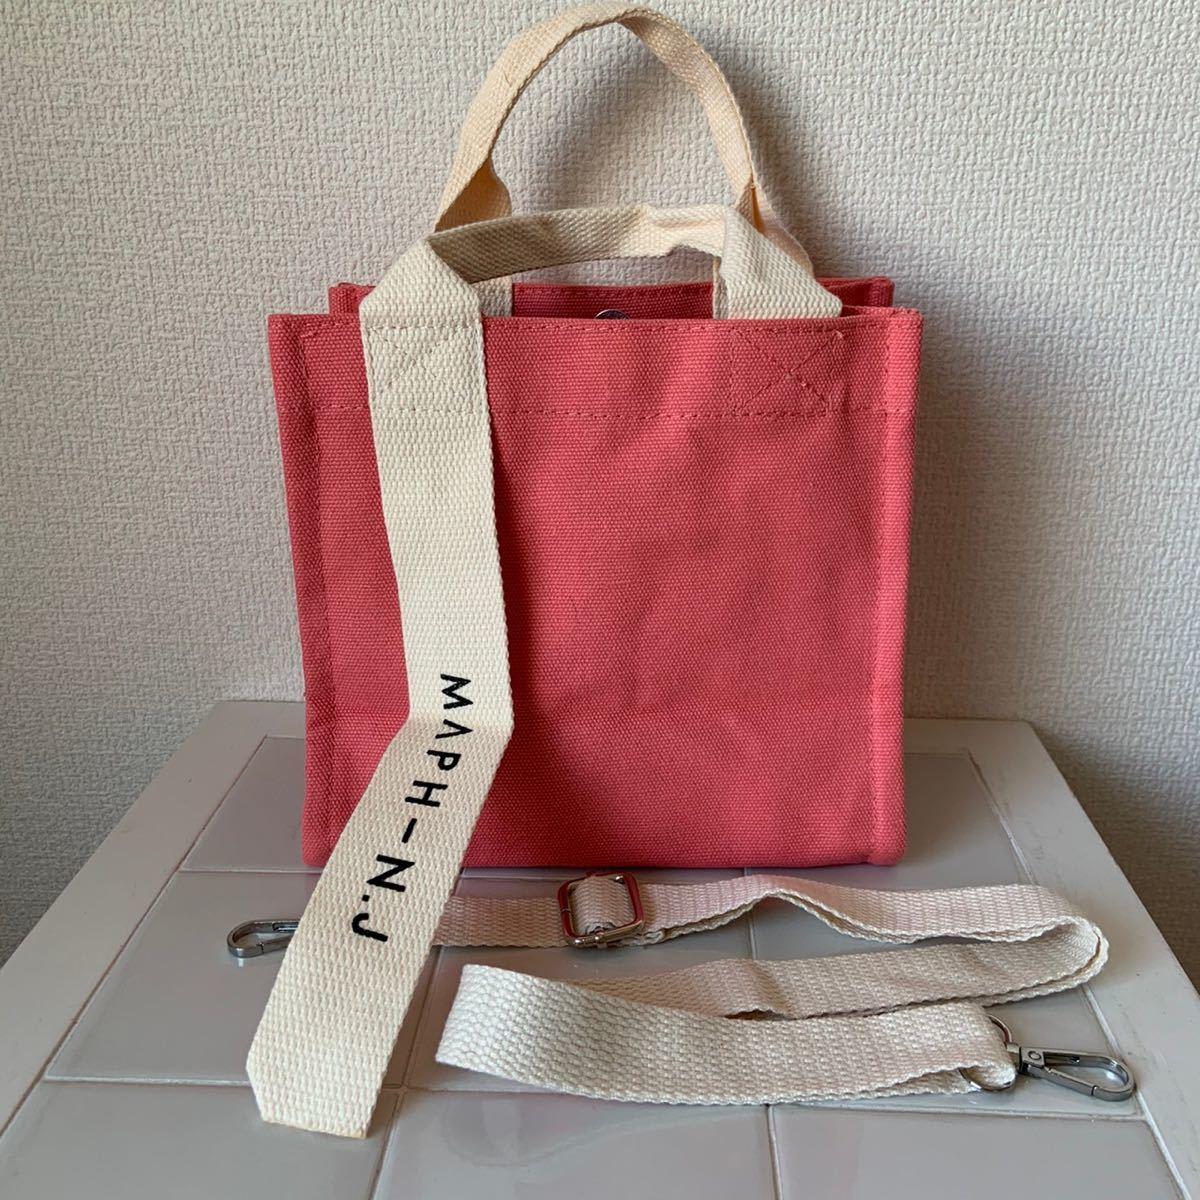 トートバッグ ピンク ミニトート ミニバッグ キャンバス トート 2way 韓国